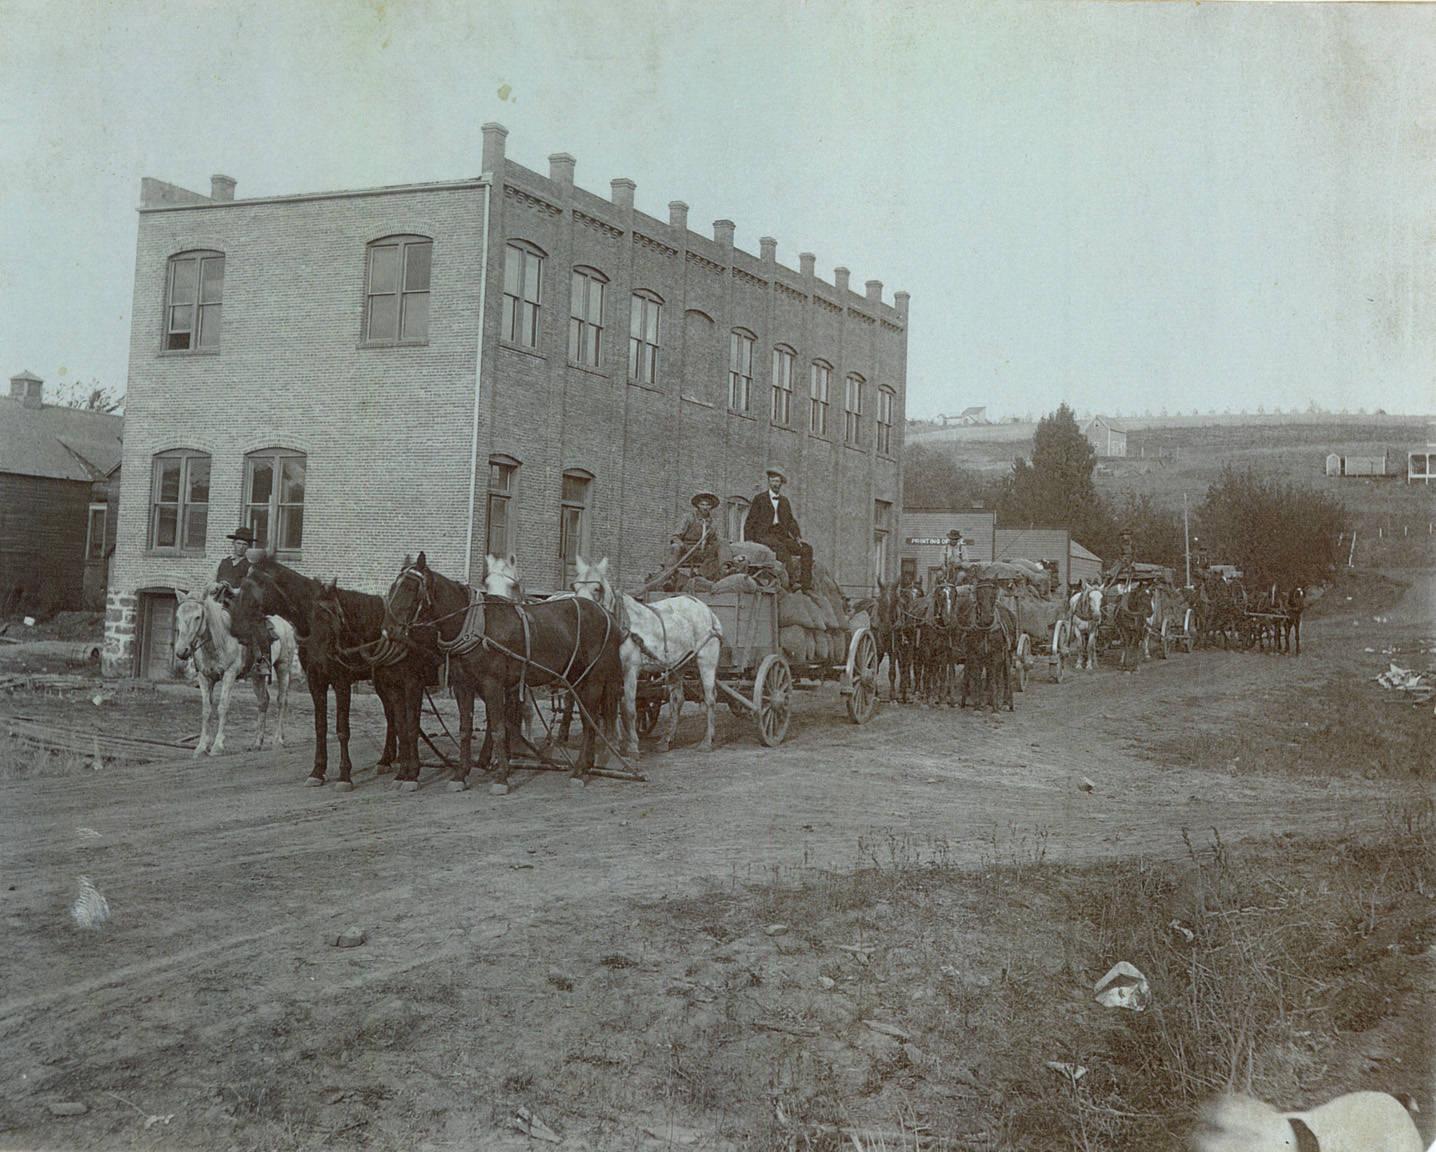 Horse_teams_in_Rosalia_Washington_circa_1920